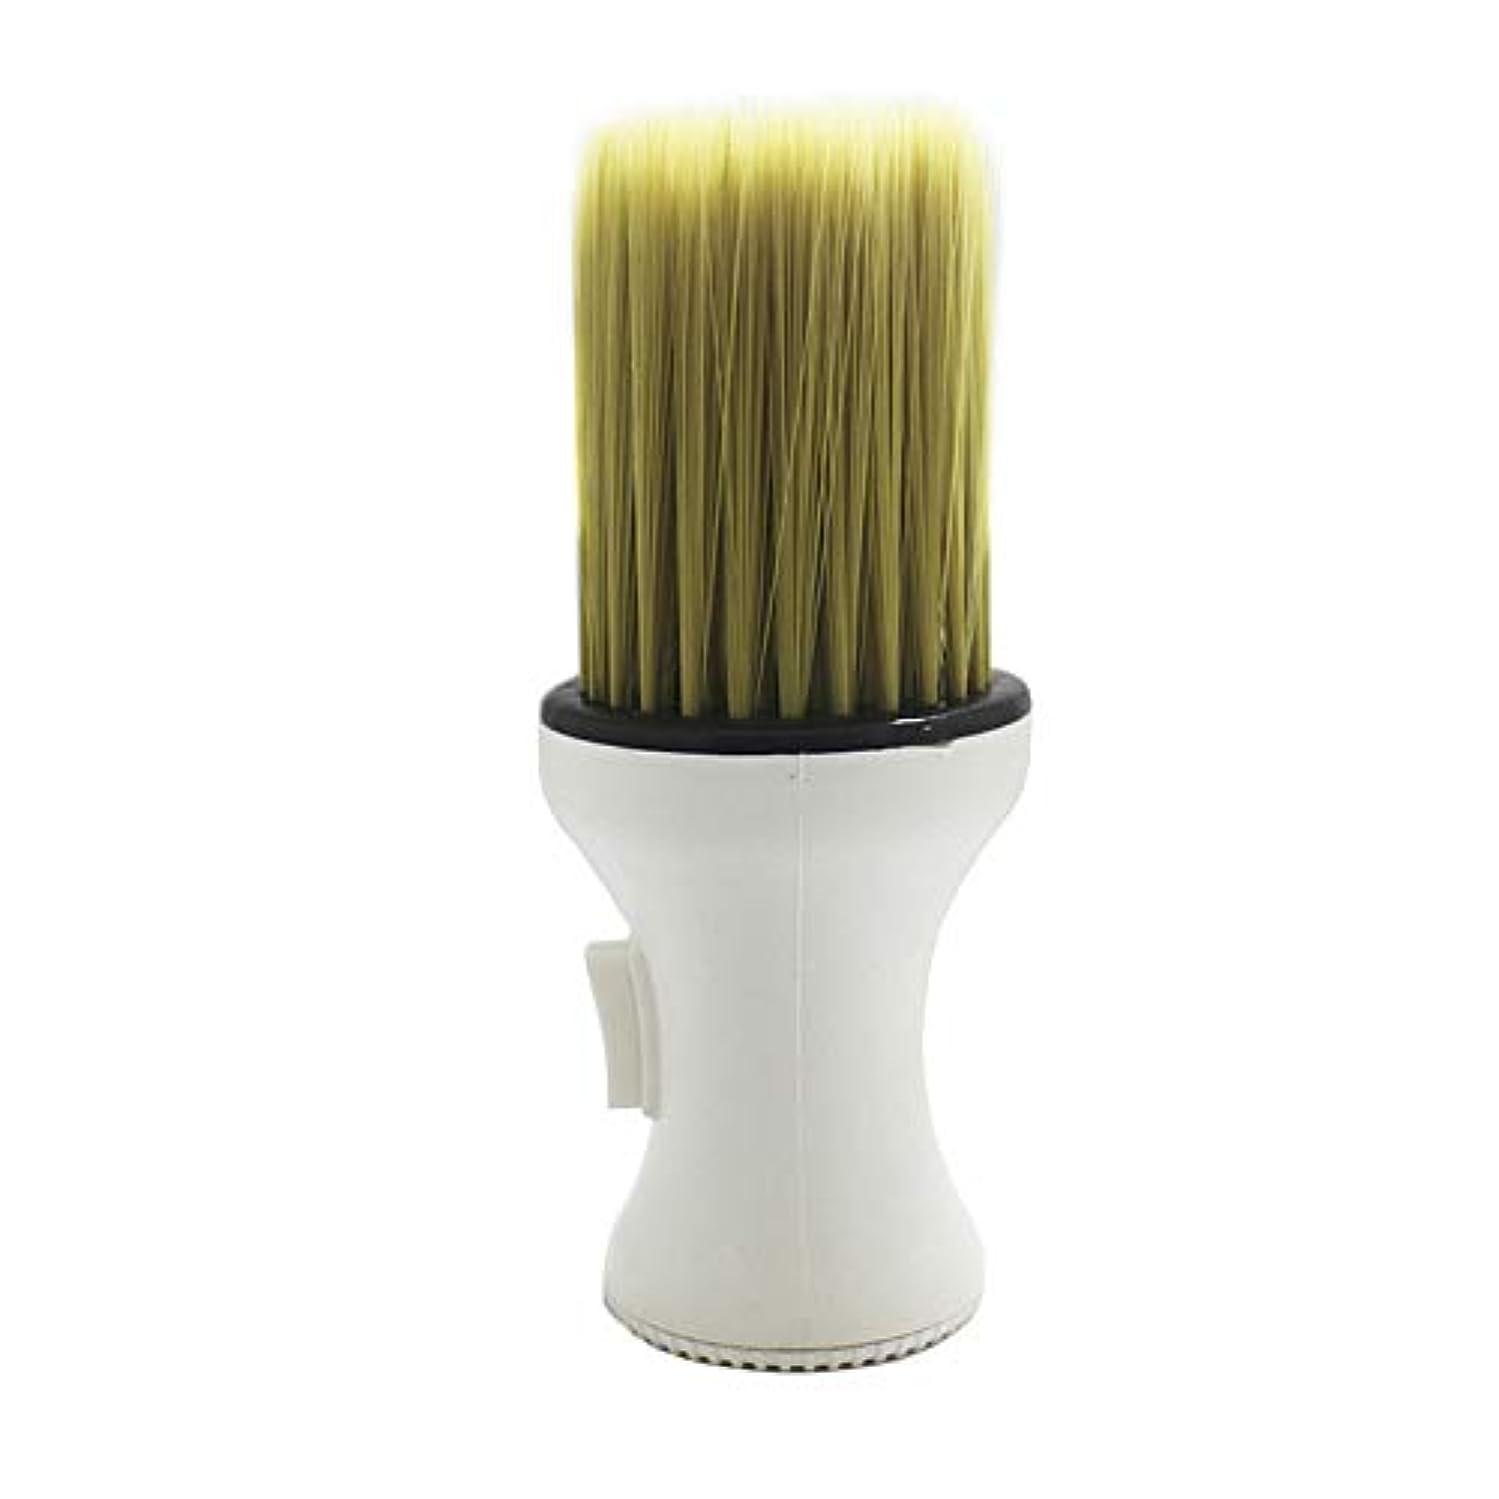 変化するかどうかチーター1st market プレミアム品質ネックダスターブラシホワイトソフトブラシ理髪師理髪ヘアサロンサロンスタイリストクリーニングブラシ